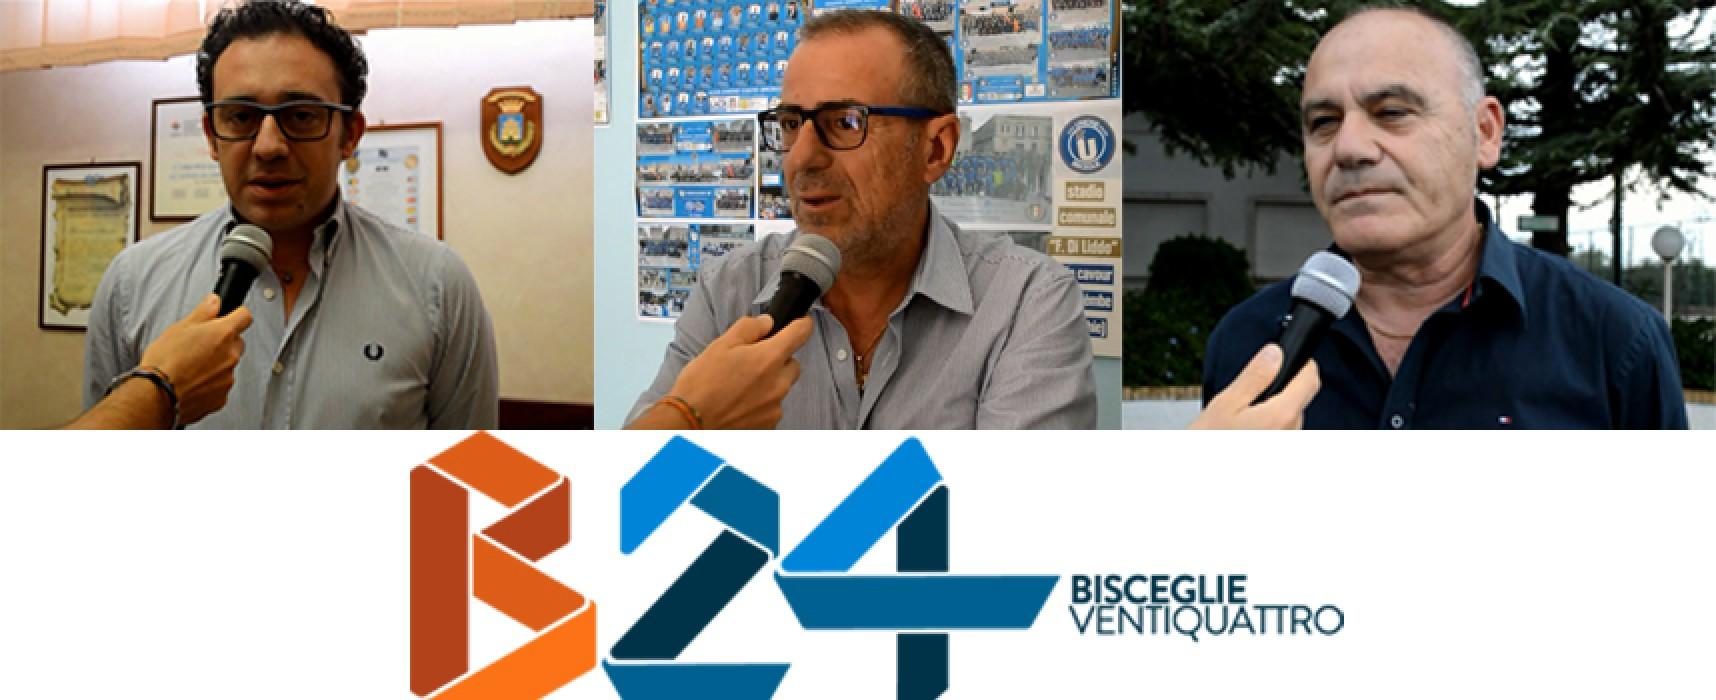 Scioglimento Consiglio Provinciale, intervista a Abascià, Evangelista e Russo / VIDEO